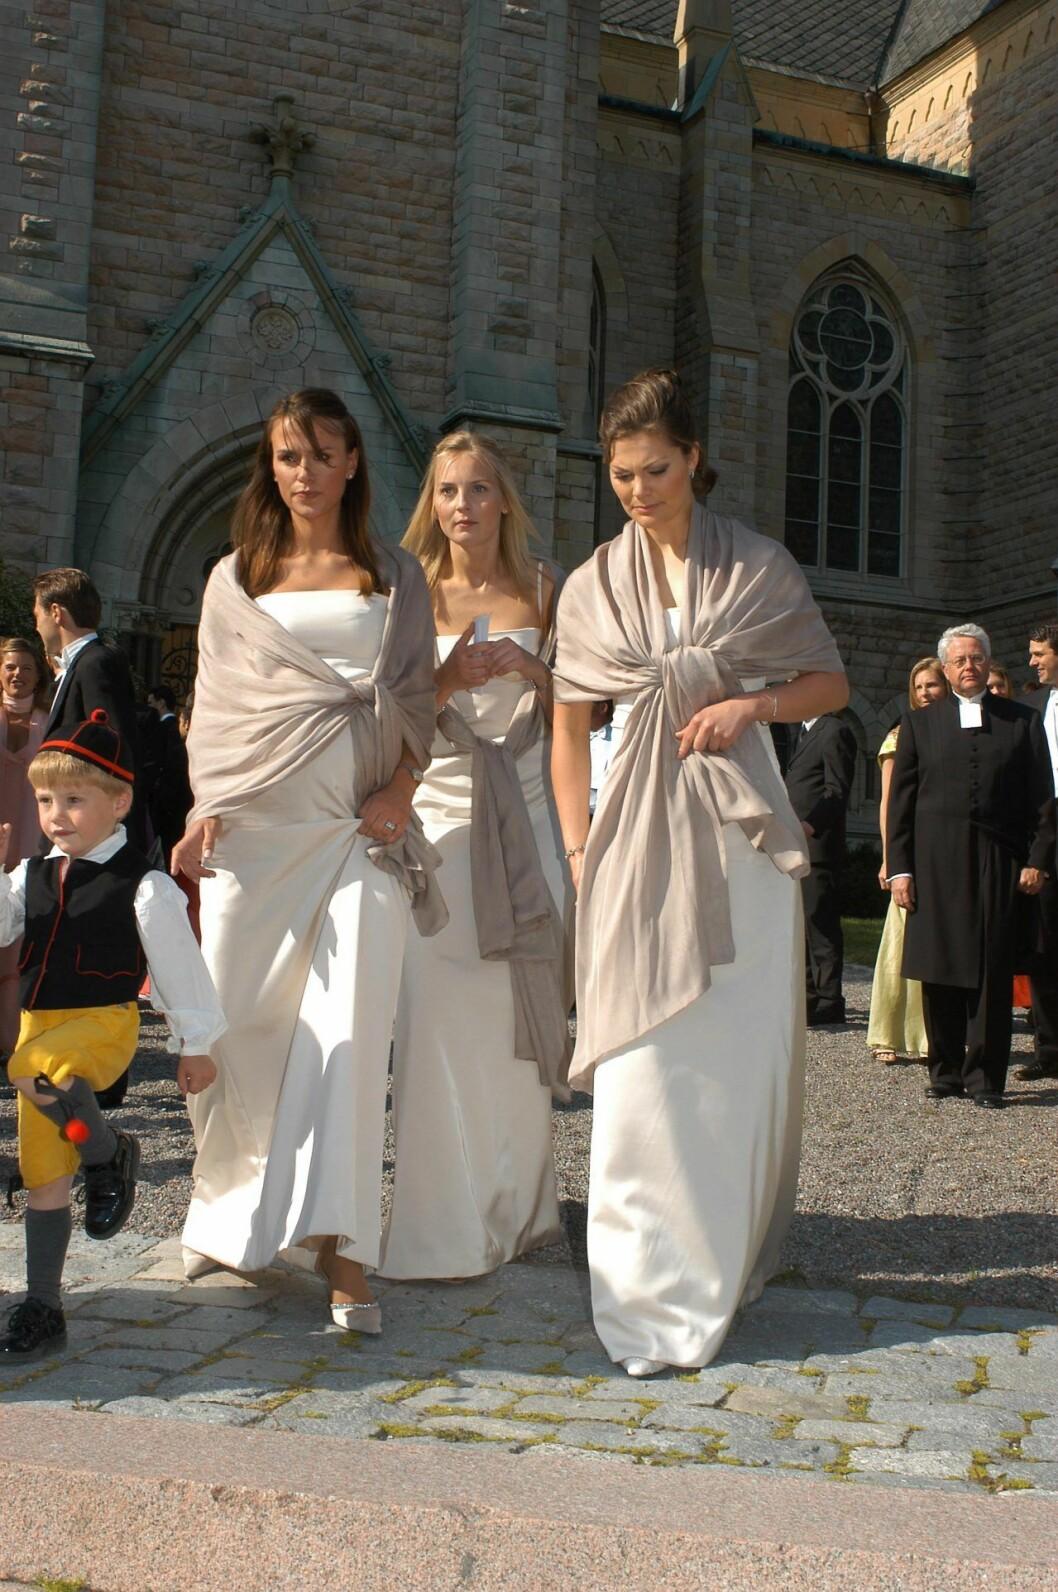 Vännerna Leonie, Rebecka Svensson och Victoria.